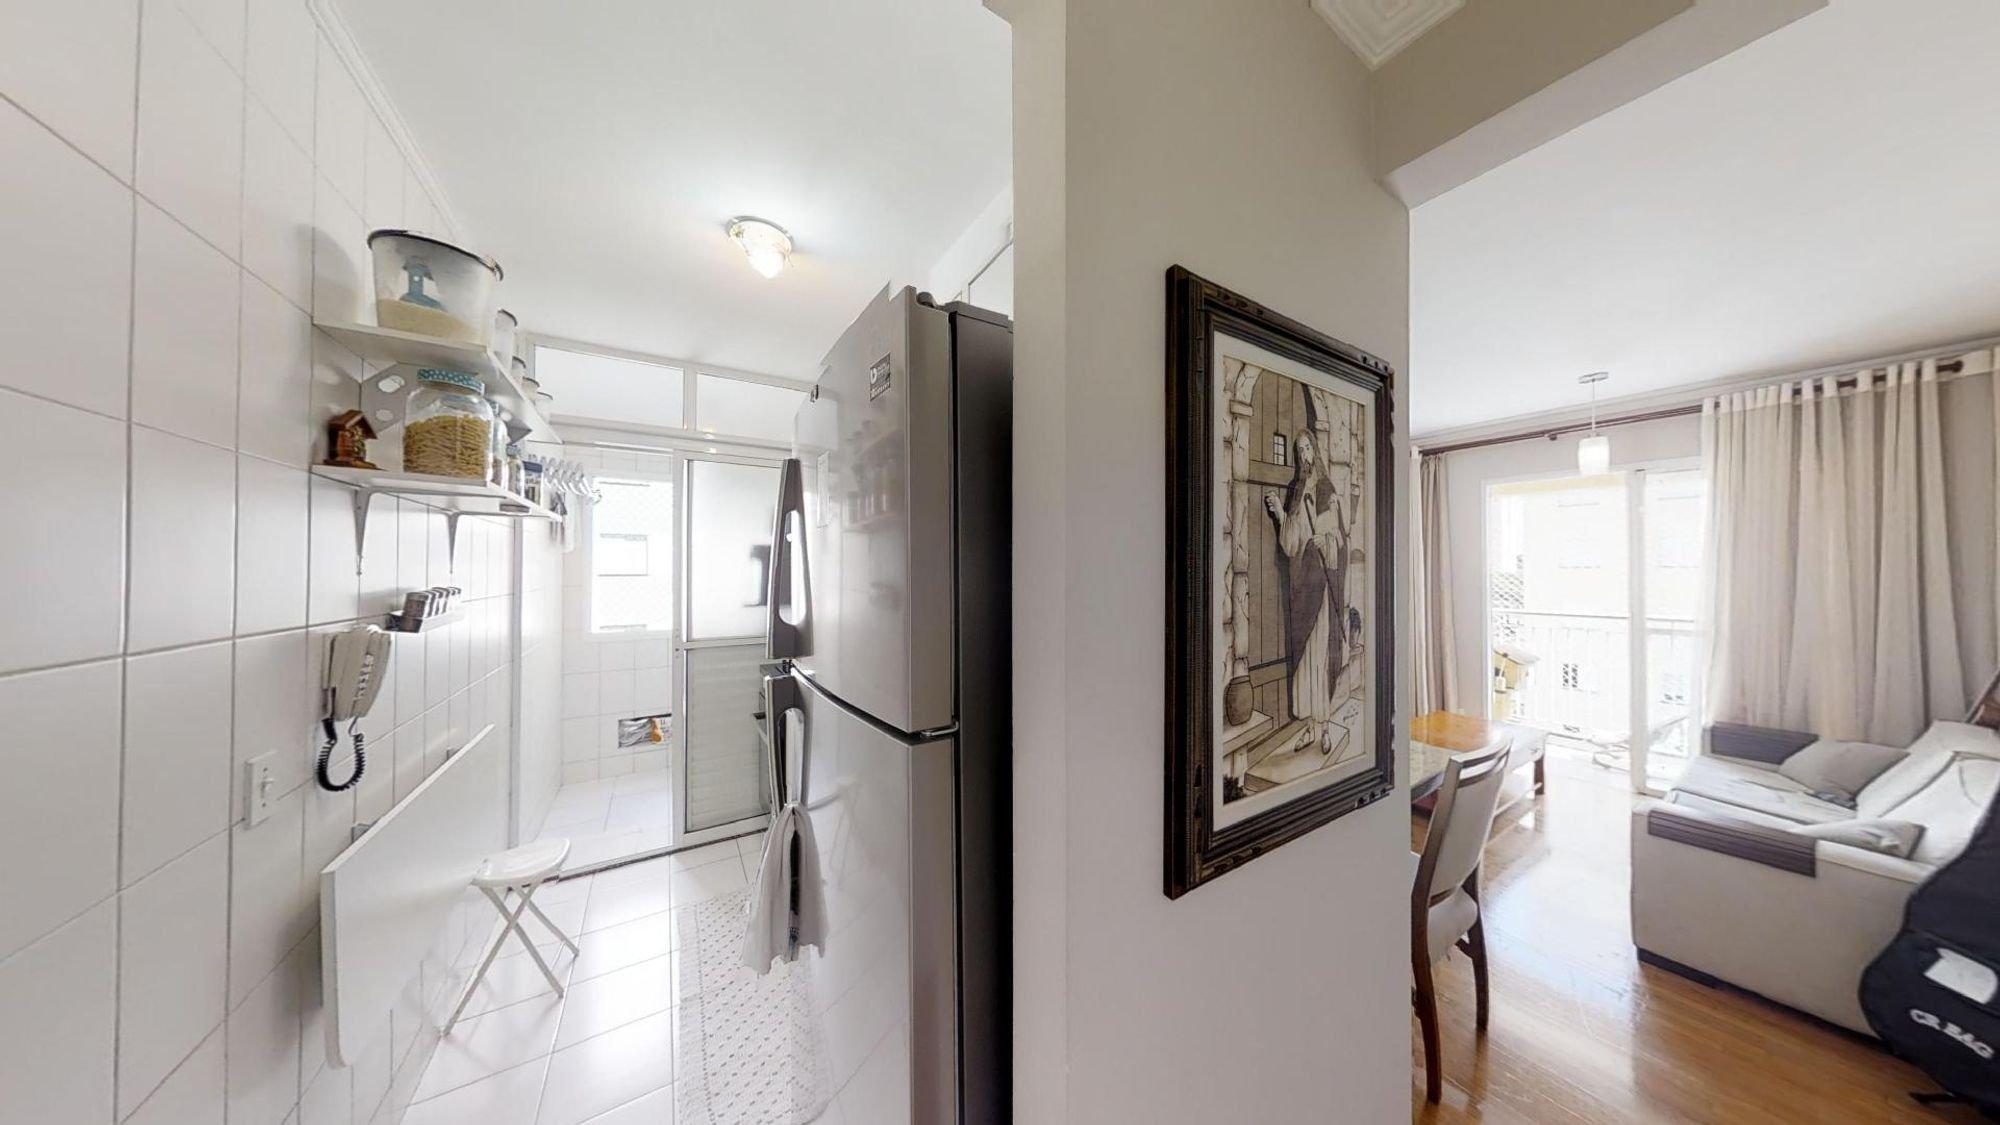 Foto de Cozinha com sofá, geladeira